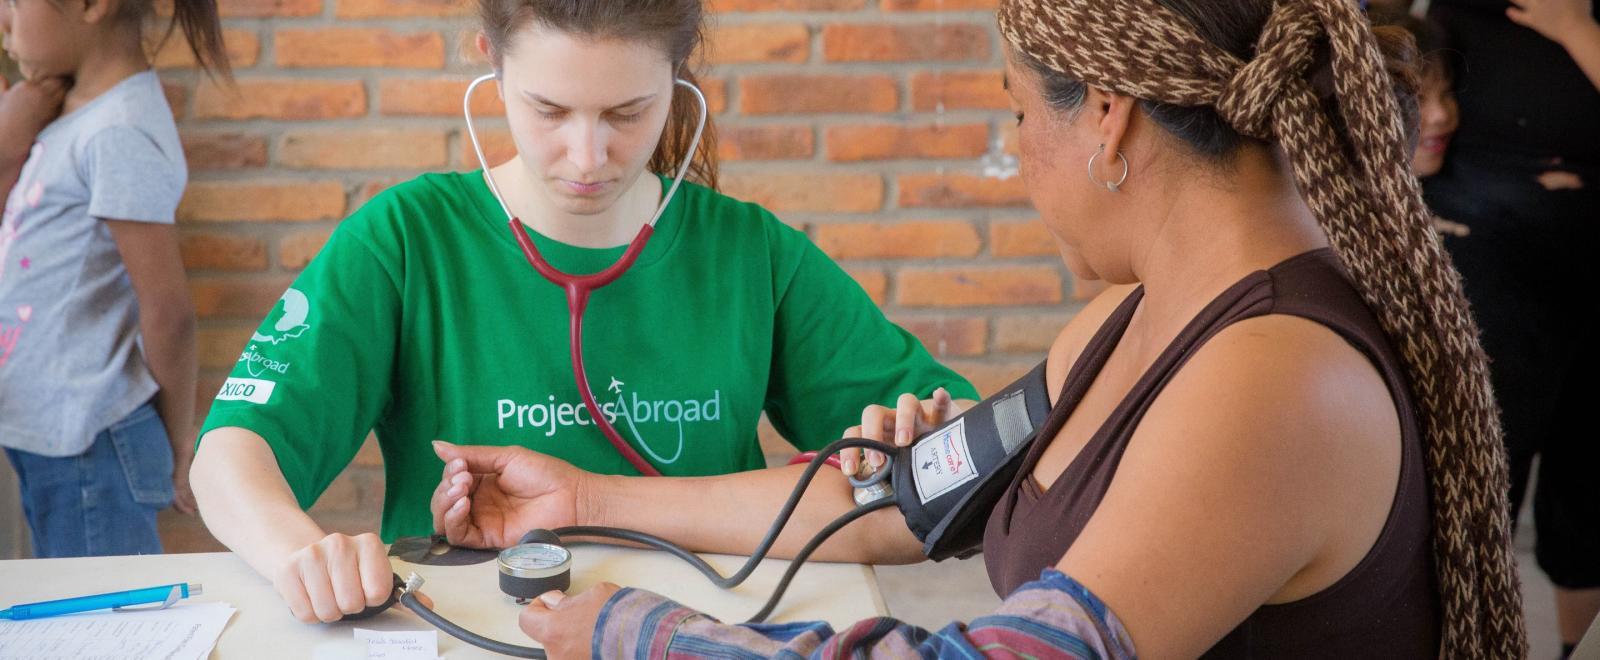 Sjukvårdsvolontär möter blodtrycket hos en kvinna i Mexiko.